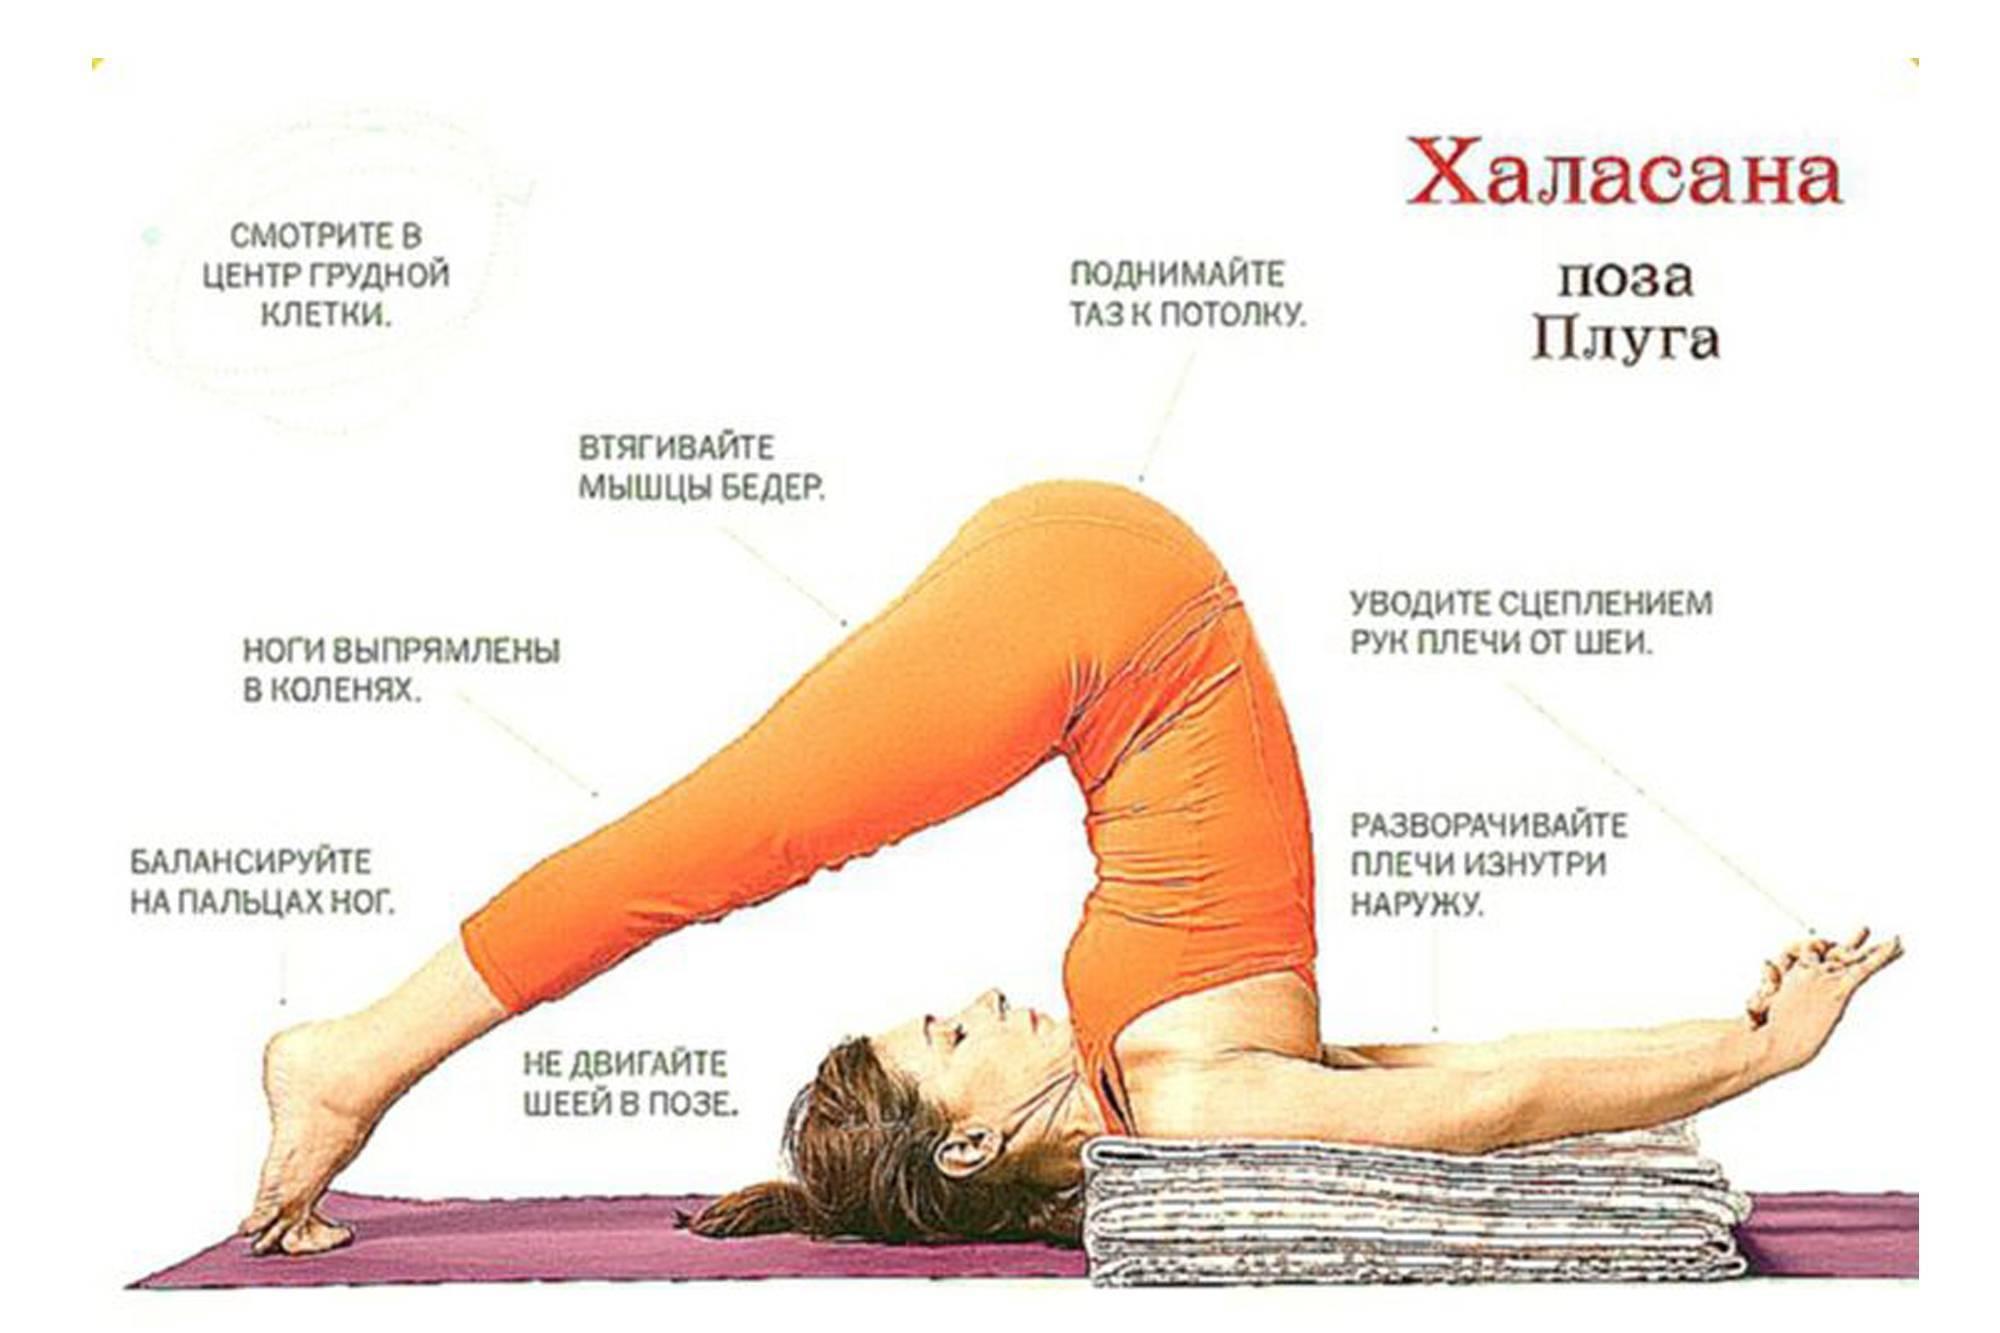 Йога для женщин | yogamaniya